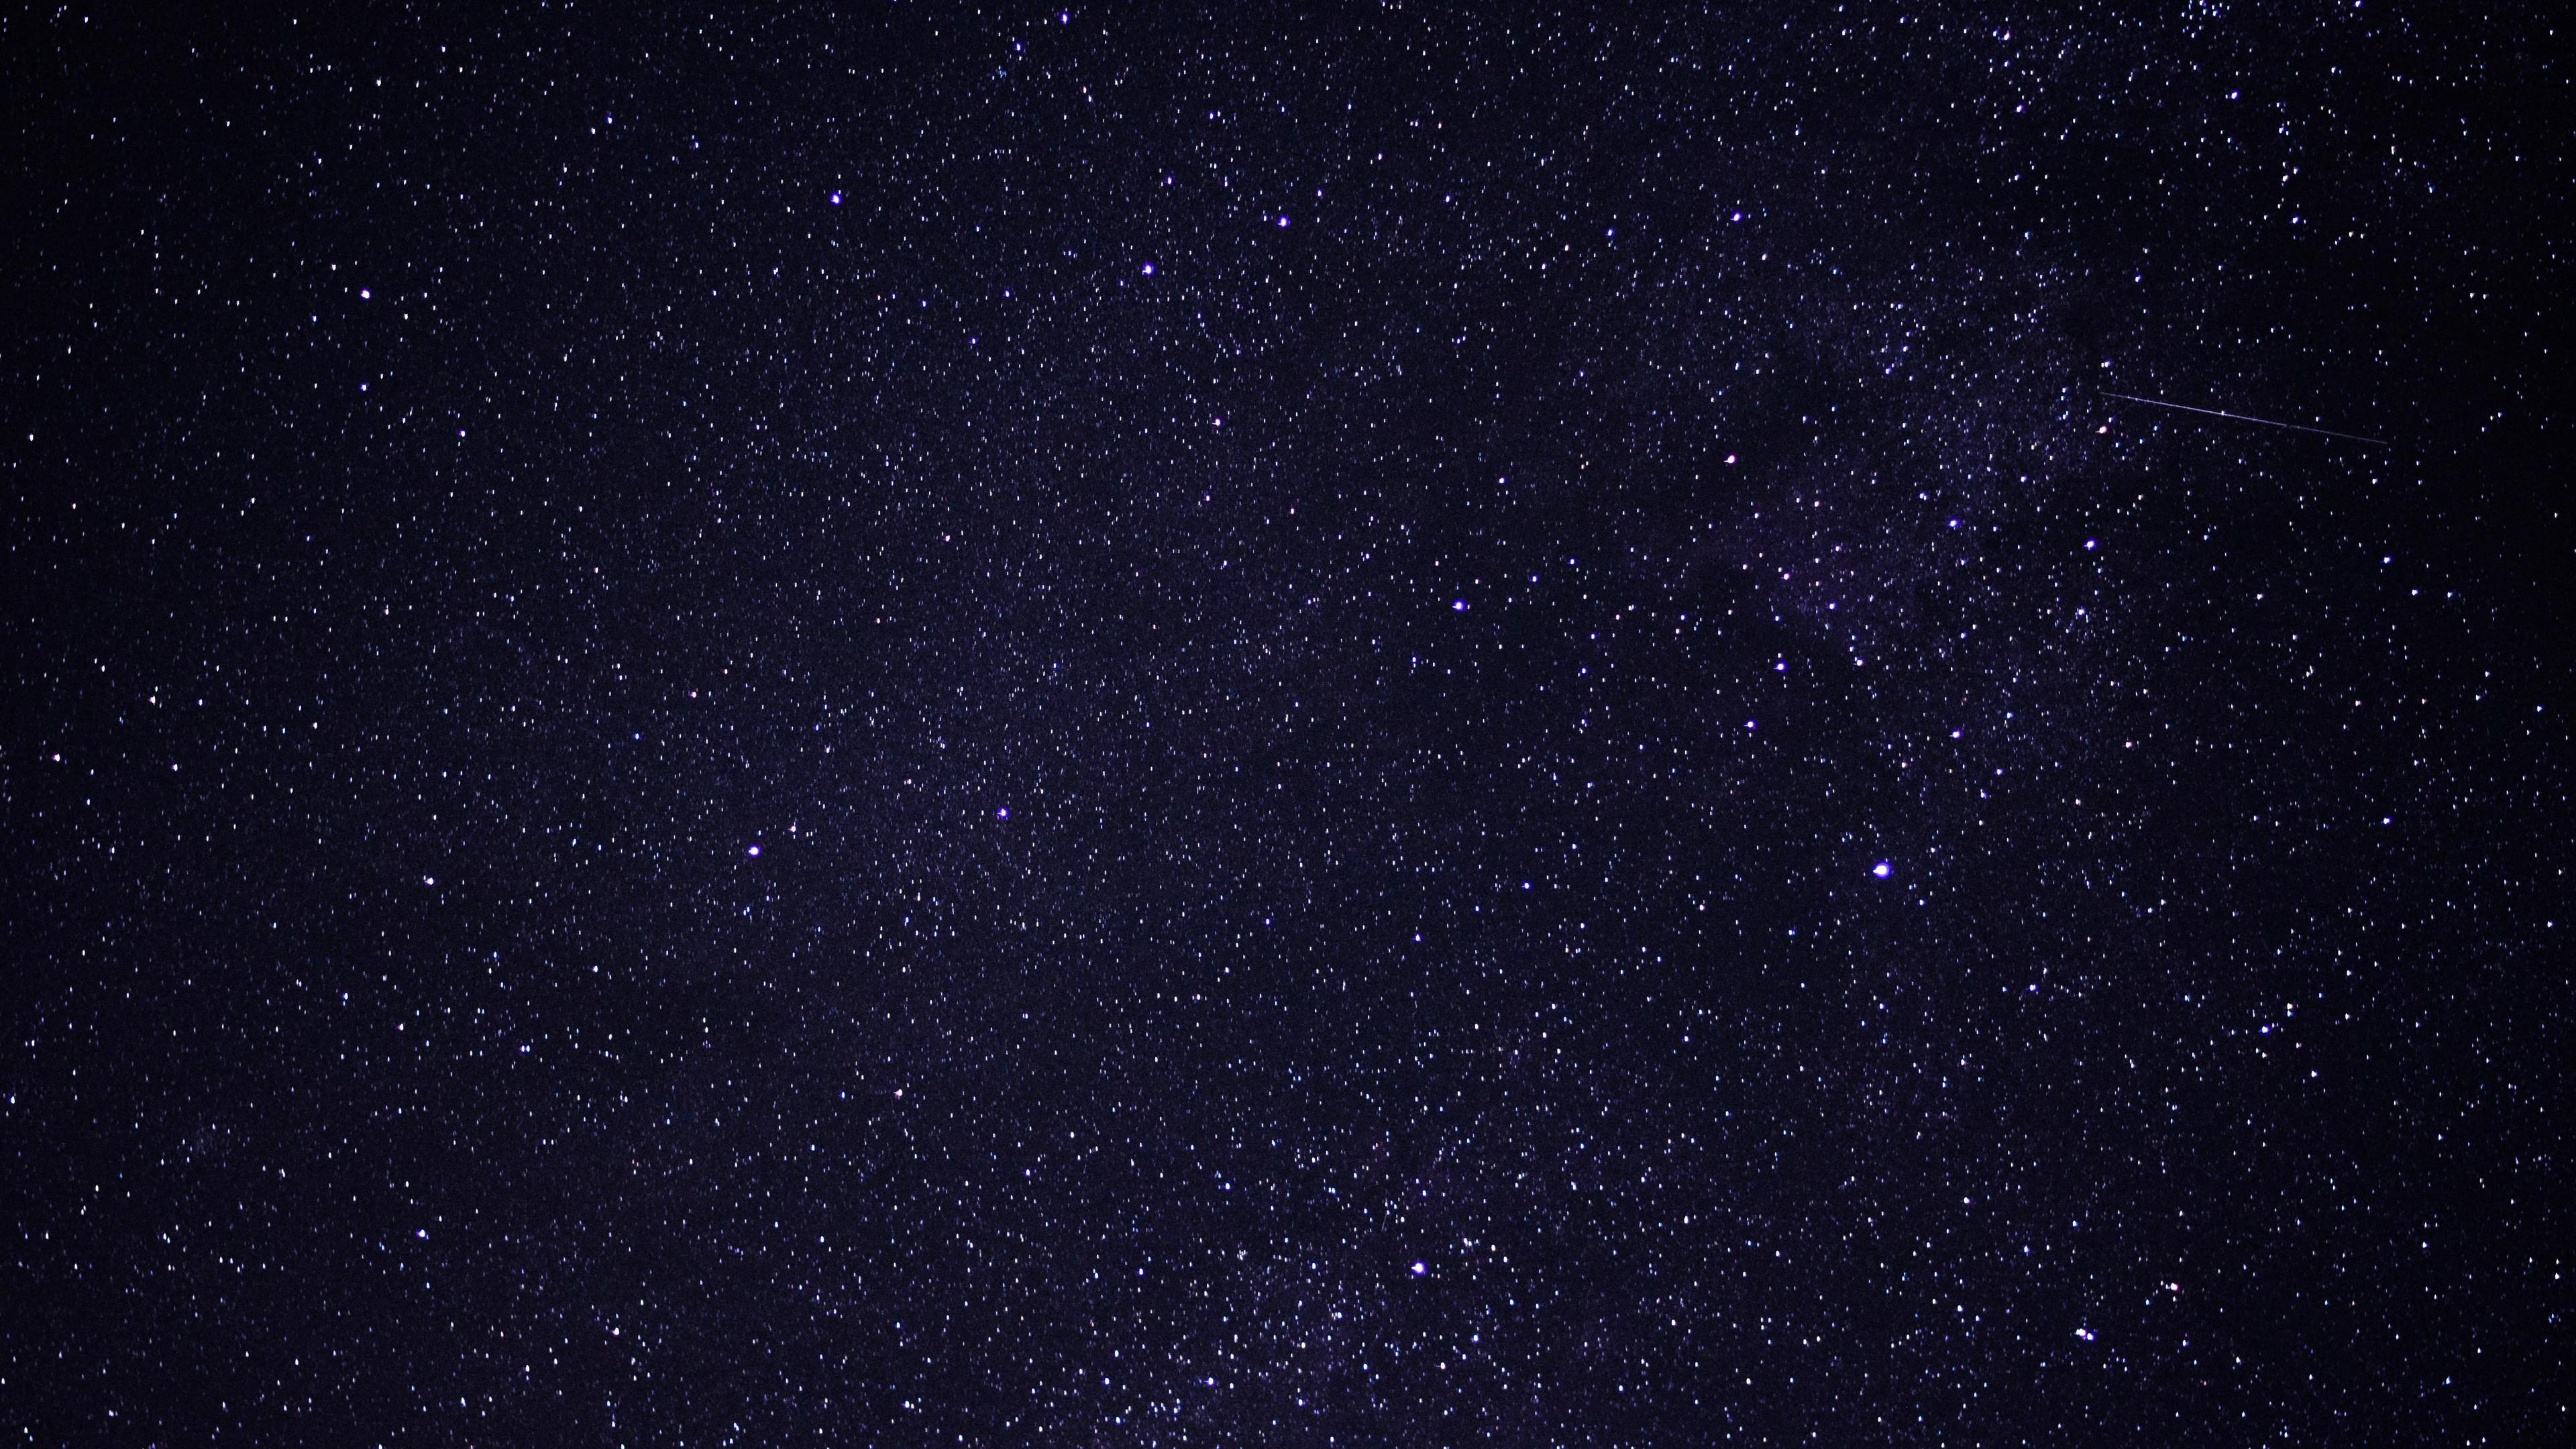 sky full of stars space 4k 1540139420 - Sky Full Of Stars Space 4k - stars wallpapers, space wallpapers, sky wallpapers, nature wallpapers, hd-wallpapers, 5k wallpapers, 4k-wallpapers